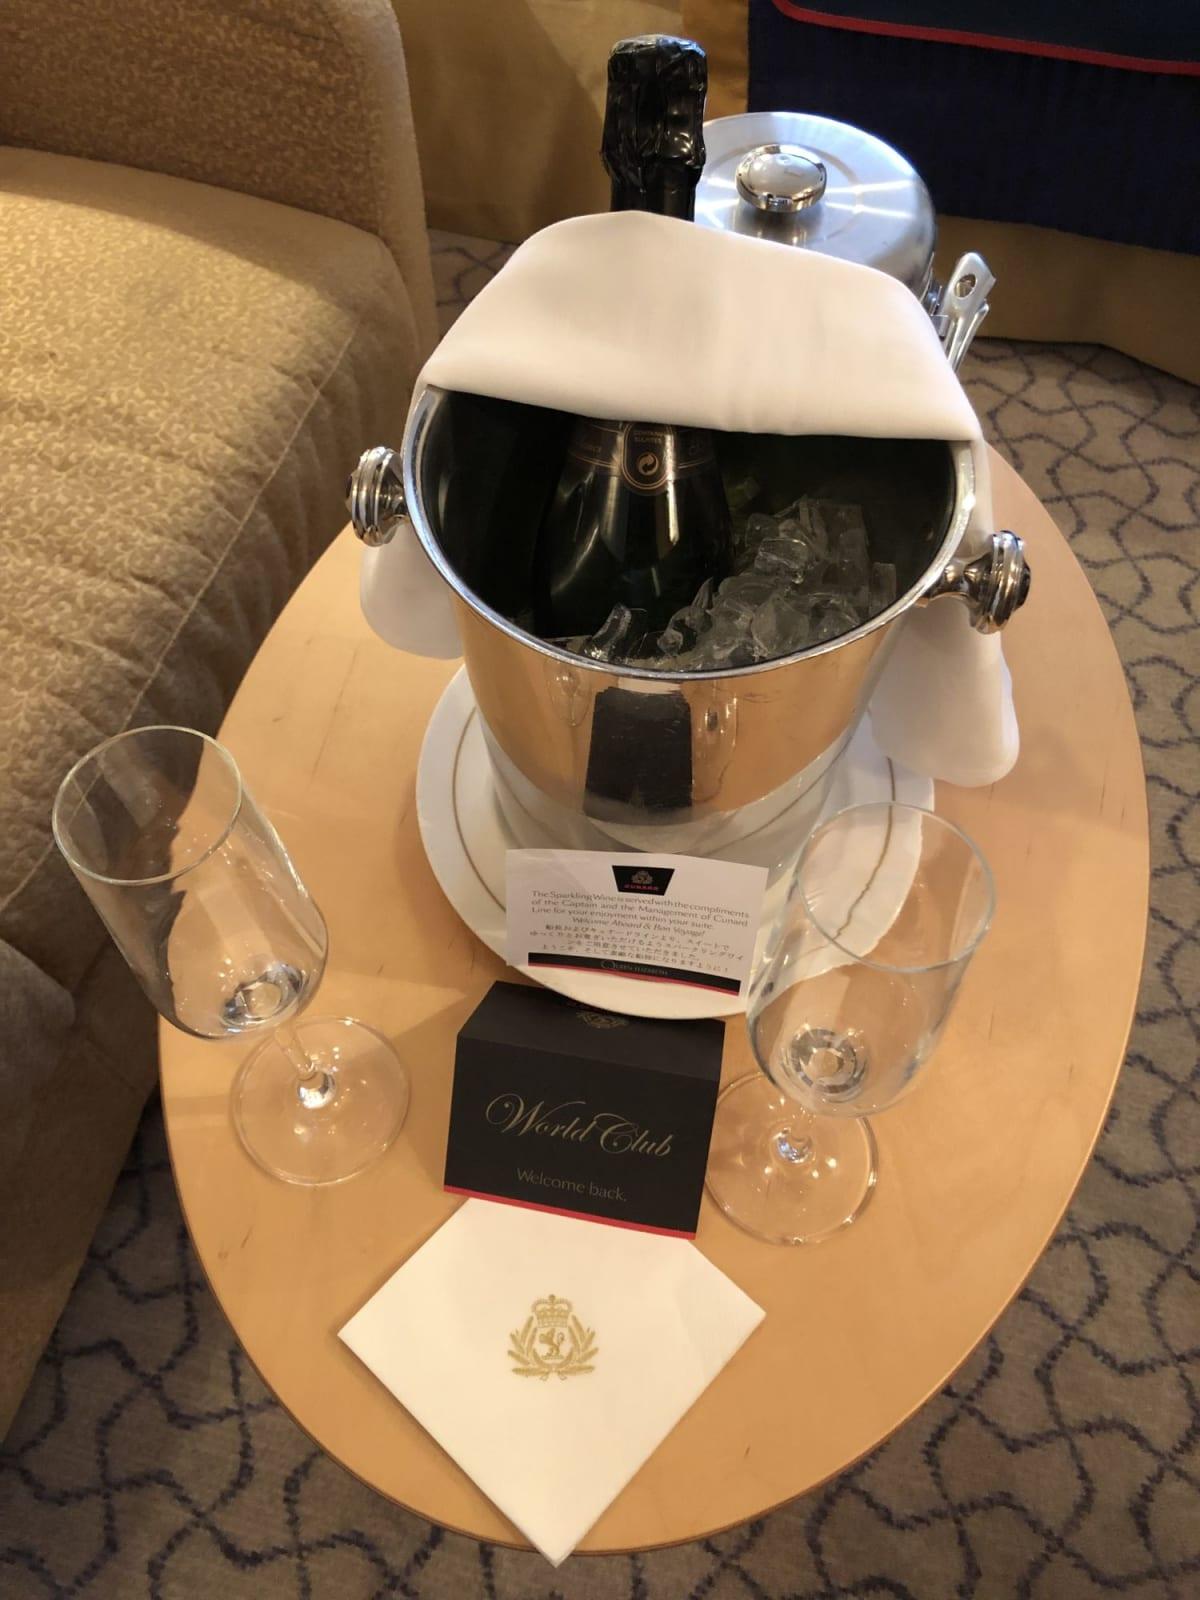 ウェルカム・シャンパンのフルボトル・ギフトは、ディナーに持って行くことができます | 客船クイーン・エリザベスの客室、フード&ドリンク